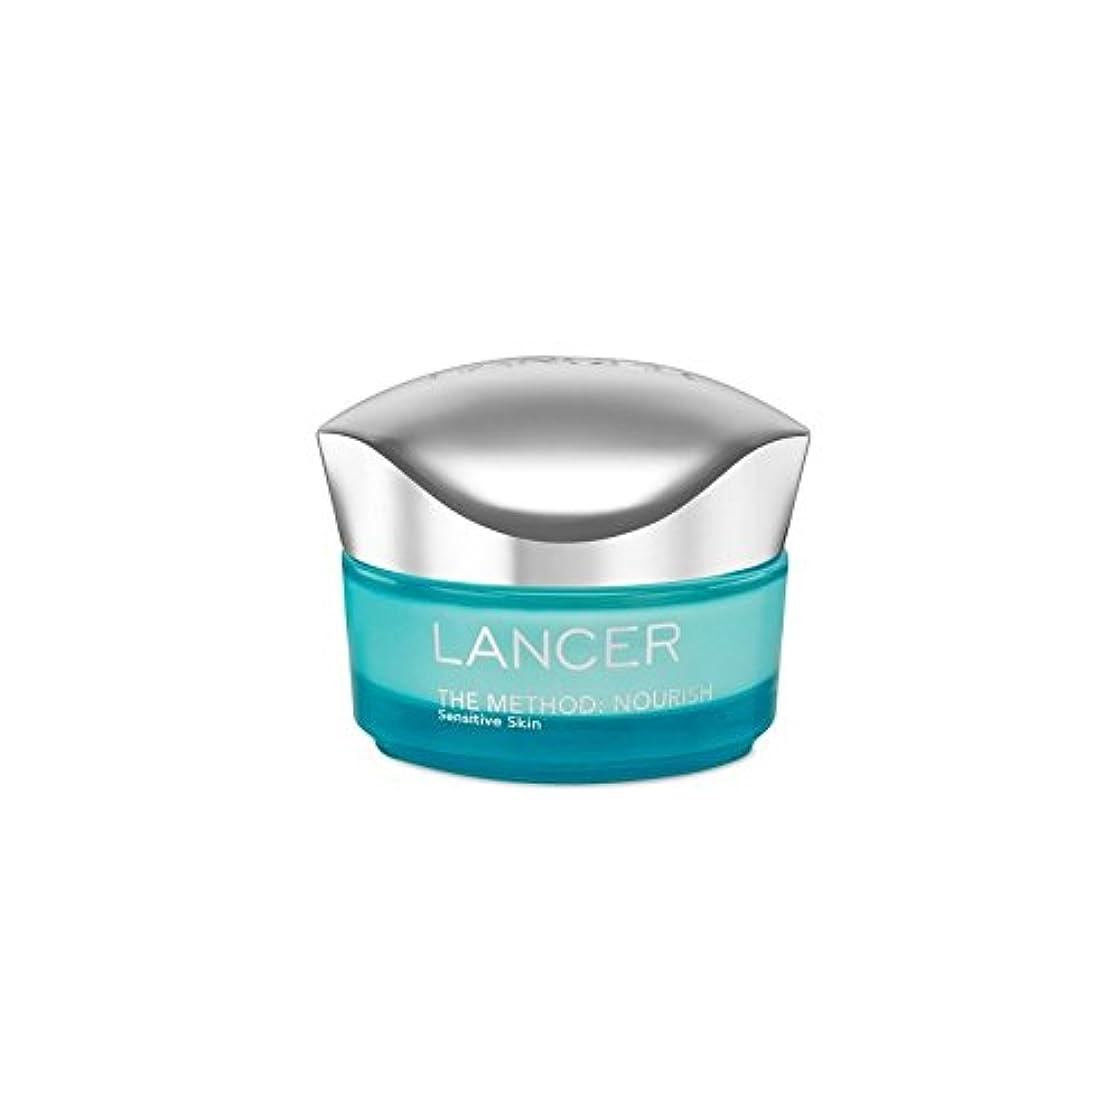 ソフトウェア先祖同等のLancer Skincare The Method: Nourish Moisturiser Sensitive Skin (50ml) (Pack of 6) - ランサーは、この方法をスキンケア:保湿敏感肌(50)に栄養を与えます x6 [並行輸入品]